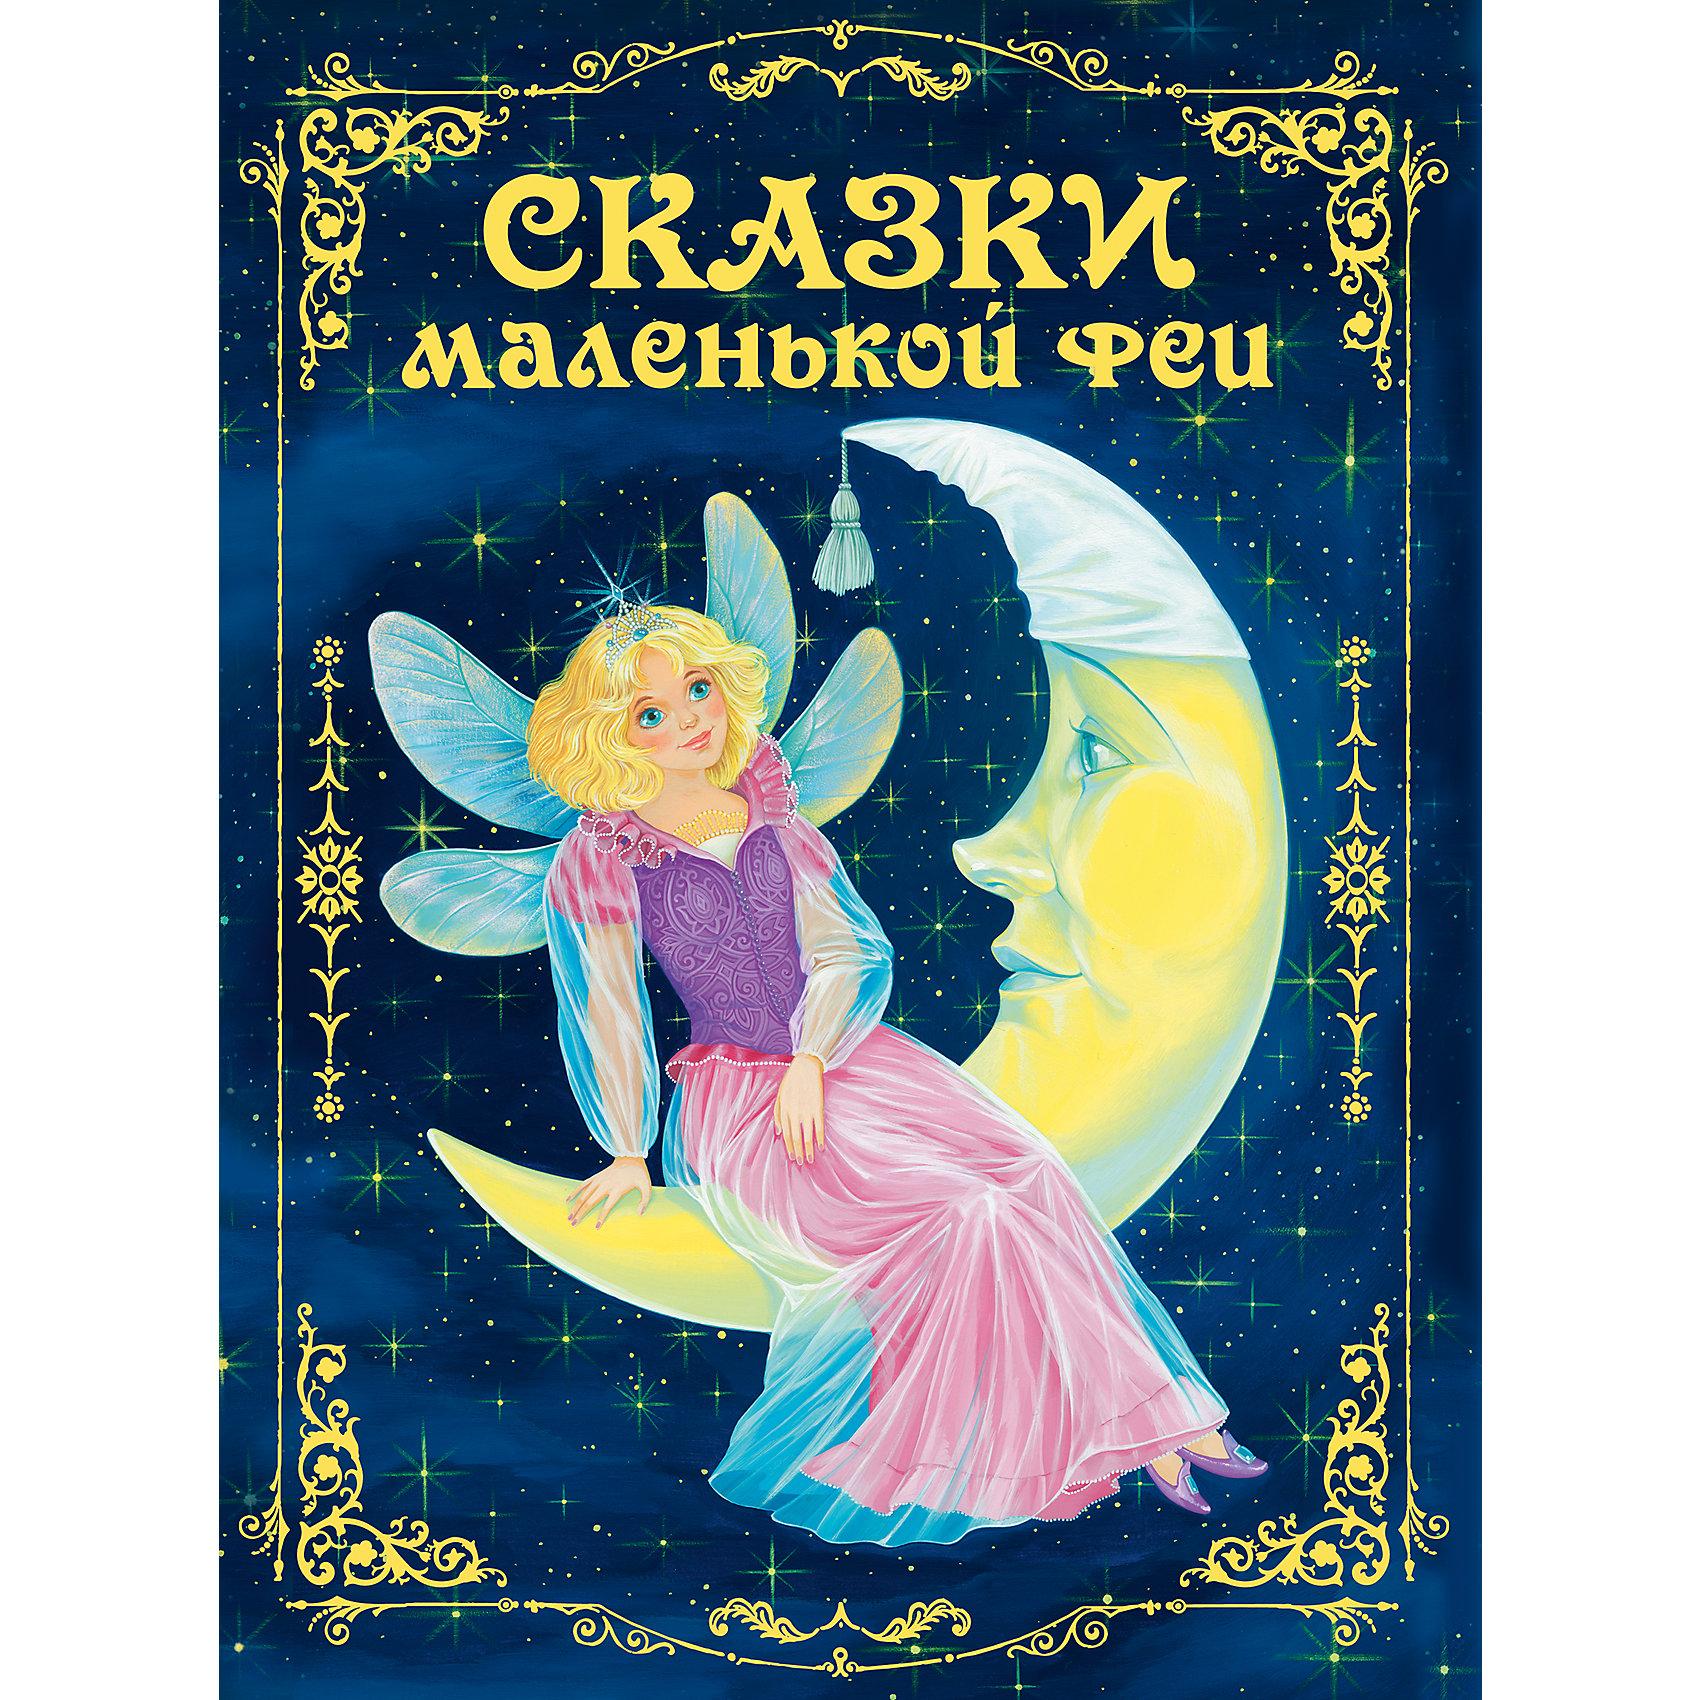 Сказки маленькой феиДавным давно жила на свете Маленькая фея. Она была очень хороша собой и вдобавок ко всему умна и добра. Ее любили все: и звери, и птицы. А уж феи-подружки души в ней не чаяли. С Маленькой феей им никогда не было скучно, потому что она умела рассказывать сказки, которых знала великое множество. <br>Все сказки она хранила в красивом сундучке. И когда наступал вечер, и все феи, нарезвившись за день, собирались вместе, Маленькая фея приоткрывала сундучок и выпускала на свет только одну сказку. Однажды весь день шел дождь, гулять, летать, шалить в лесу было нельзя, единственная сказка была уже рассказана... Феи заскучали, и одна из них - фея шалунья - потихоньку подкралась к сундучку и открыла его. Все сказки тут же вылетели и полетели по всему свету. Послушайте, какие сказки хранила в своем сундучке Маленькая фея. <br><br>Дополнительная информация:<br><br>- Автор: Гримм Якоб и Вильгельм, Андерсен Ганс Кристиан, Топелиус Сакариас , Гауф Вильгельм.<br>- Художник: Басюбина А. М., Белоусова М., Белоусов В. Н. , Здорнова Ек. Е., Здорнова Ел. Е.<br>- Формат: 26,4х20 см.<br>- Переплет: твердый.<br>- Количество страниц:  176.<br>- Иллюстрации: цветные.<br>- Содержание: Подарки феи, Бабушка Метелица, Карлик Нос, Дикие лебеди, Королева ужей, Волшебный горшочек, Снежинка и Розочка, Волшебная дудочка, Олень - золотые рога, Гадкий утенок.<br><br>Книгу Сказки маленькой феи  можно купить в нашем магазине.<br><br>Ширина мм: 255<br>Глубина мм: 197<br>Высота мм: 22<br>Вес г: 912<br>Возраст от месяцев: 36<br>Возраст до месяцев: 72<br>Пол: Унисекс<br>Возраст: Детский<br>SKU: 4414937